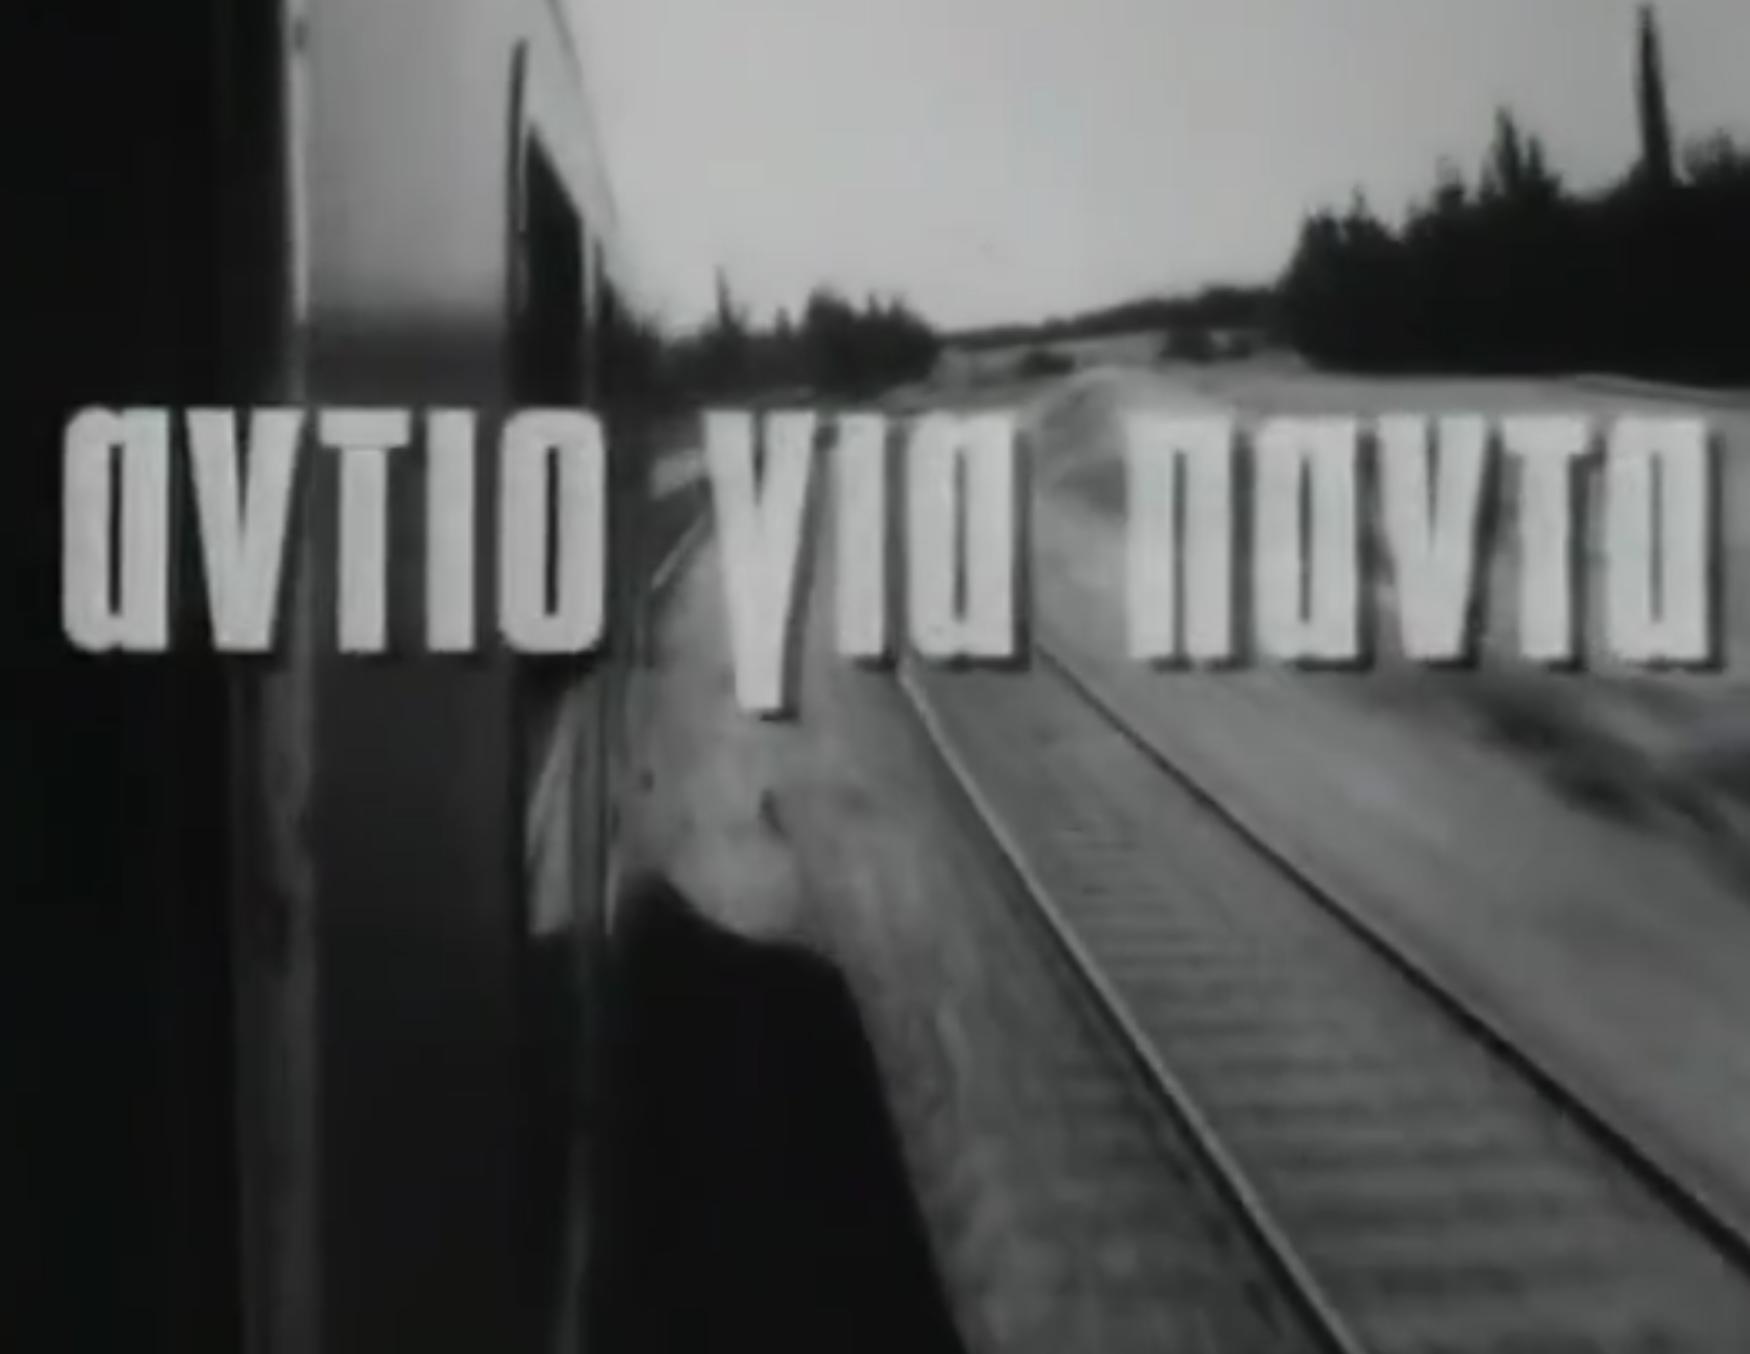 αντιο για παντα ελληνικη ταινια